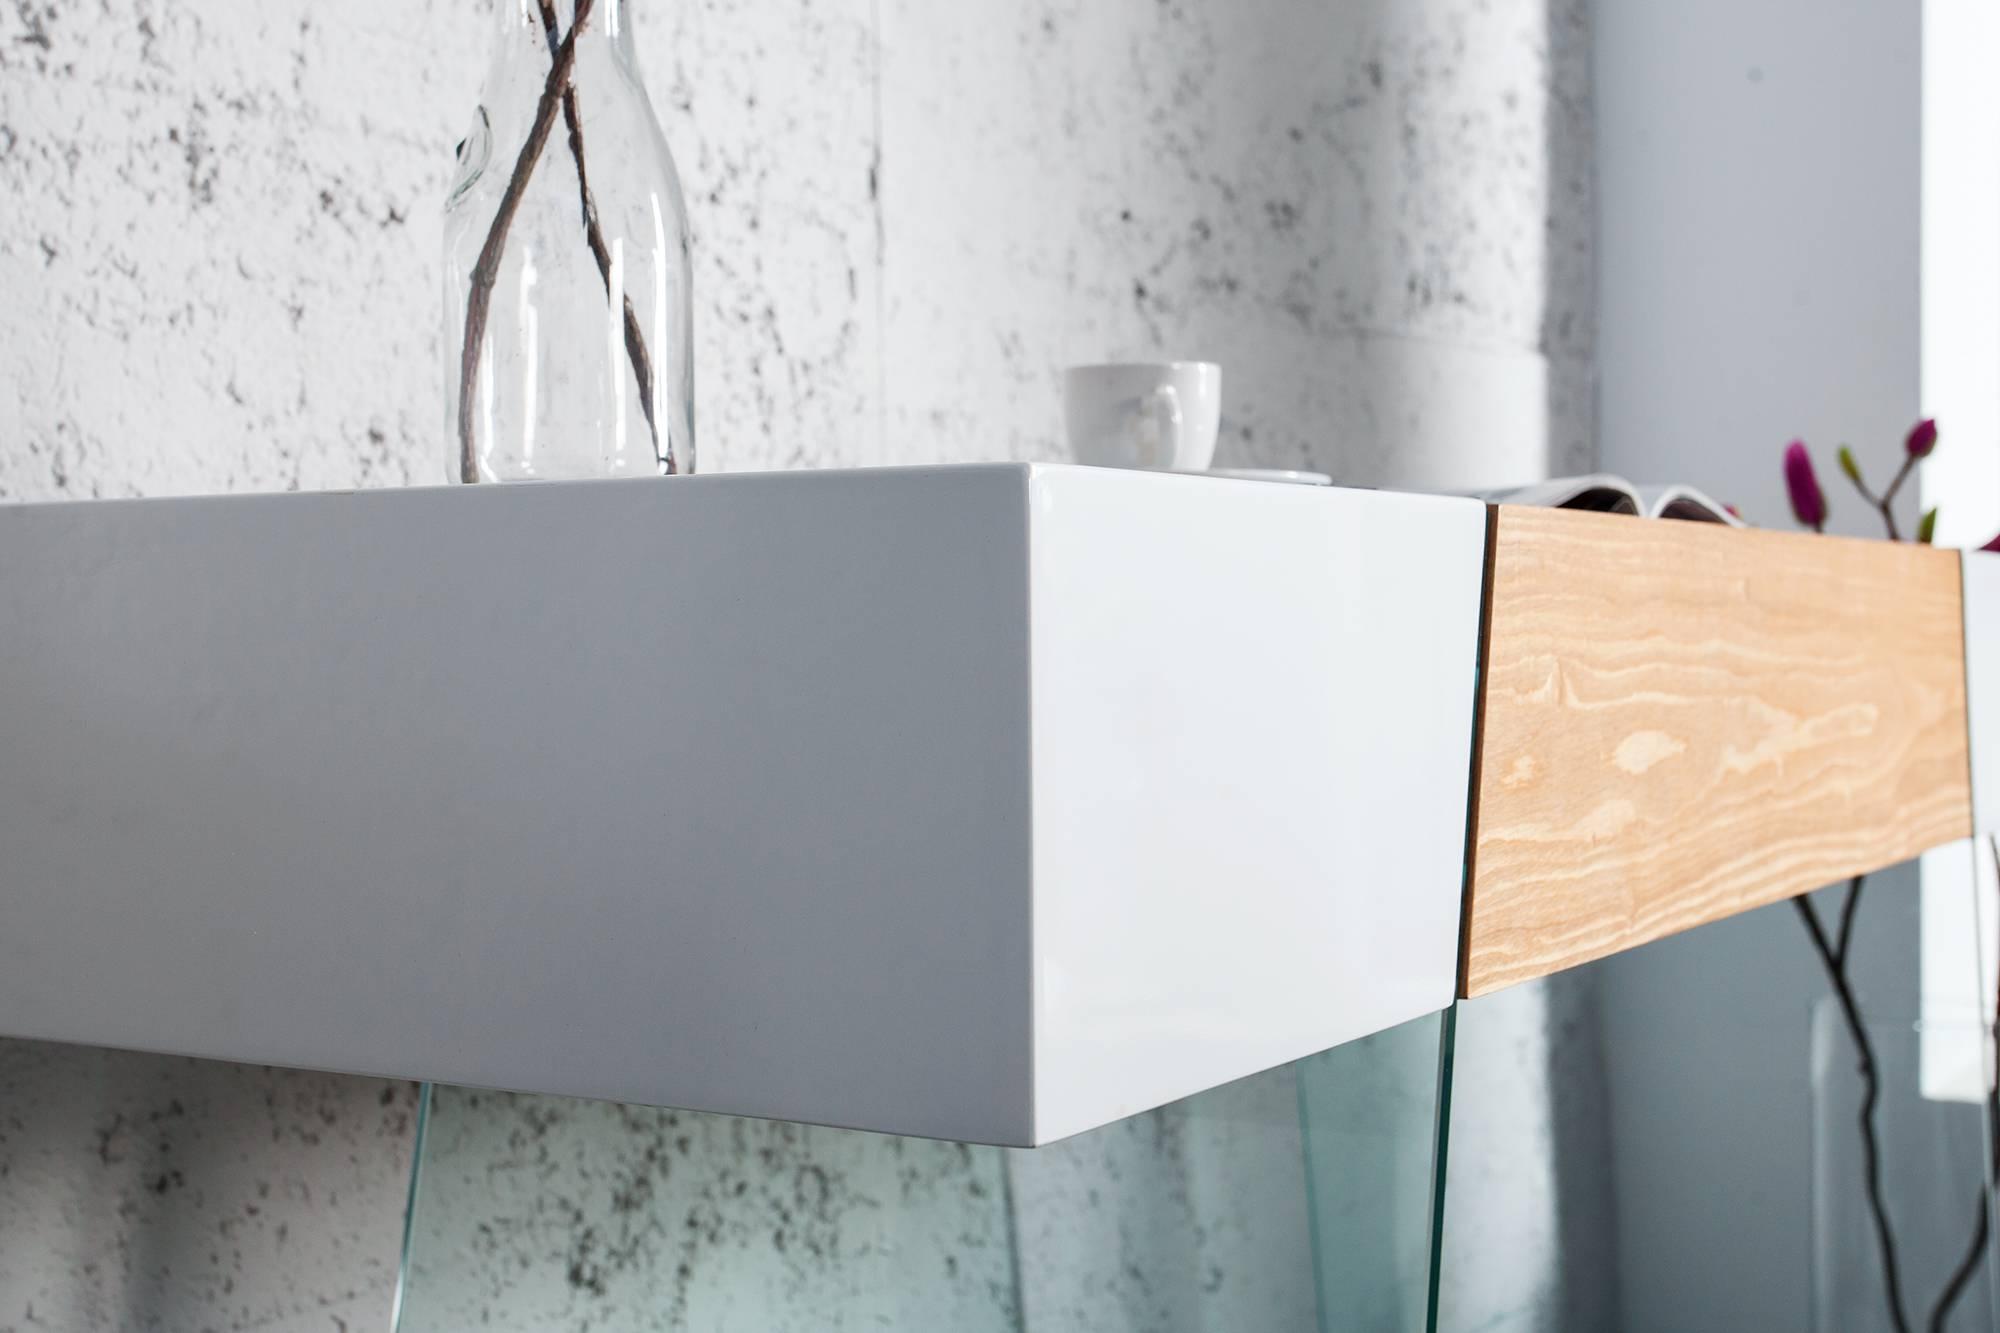 Dizajnový psací stůl Livid